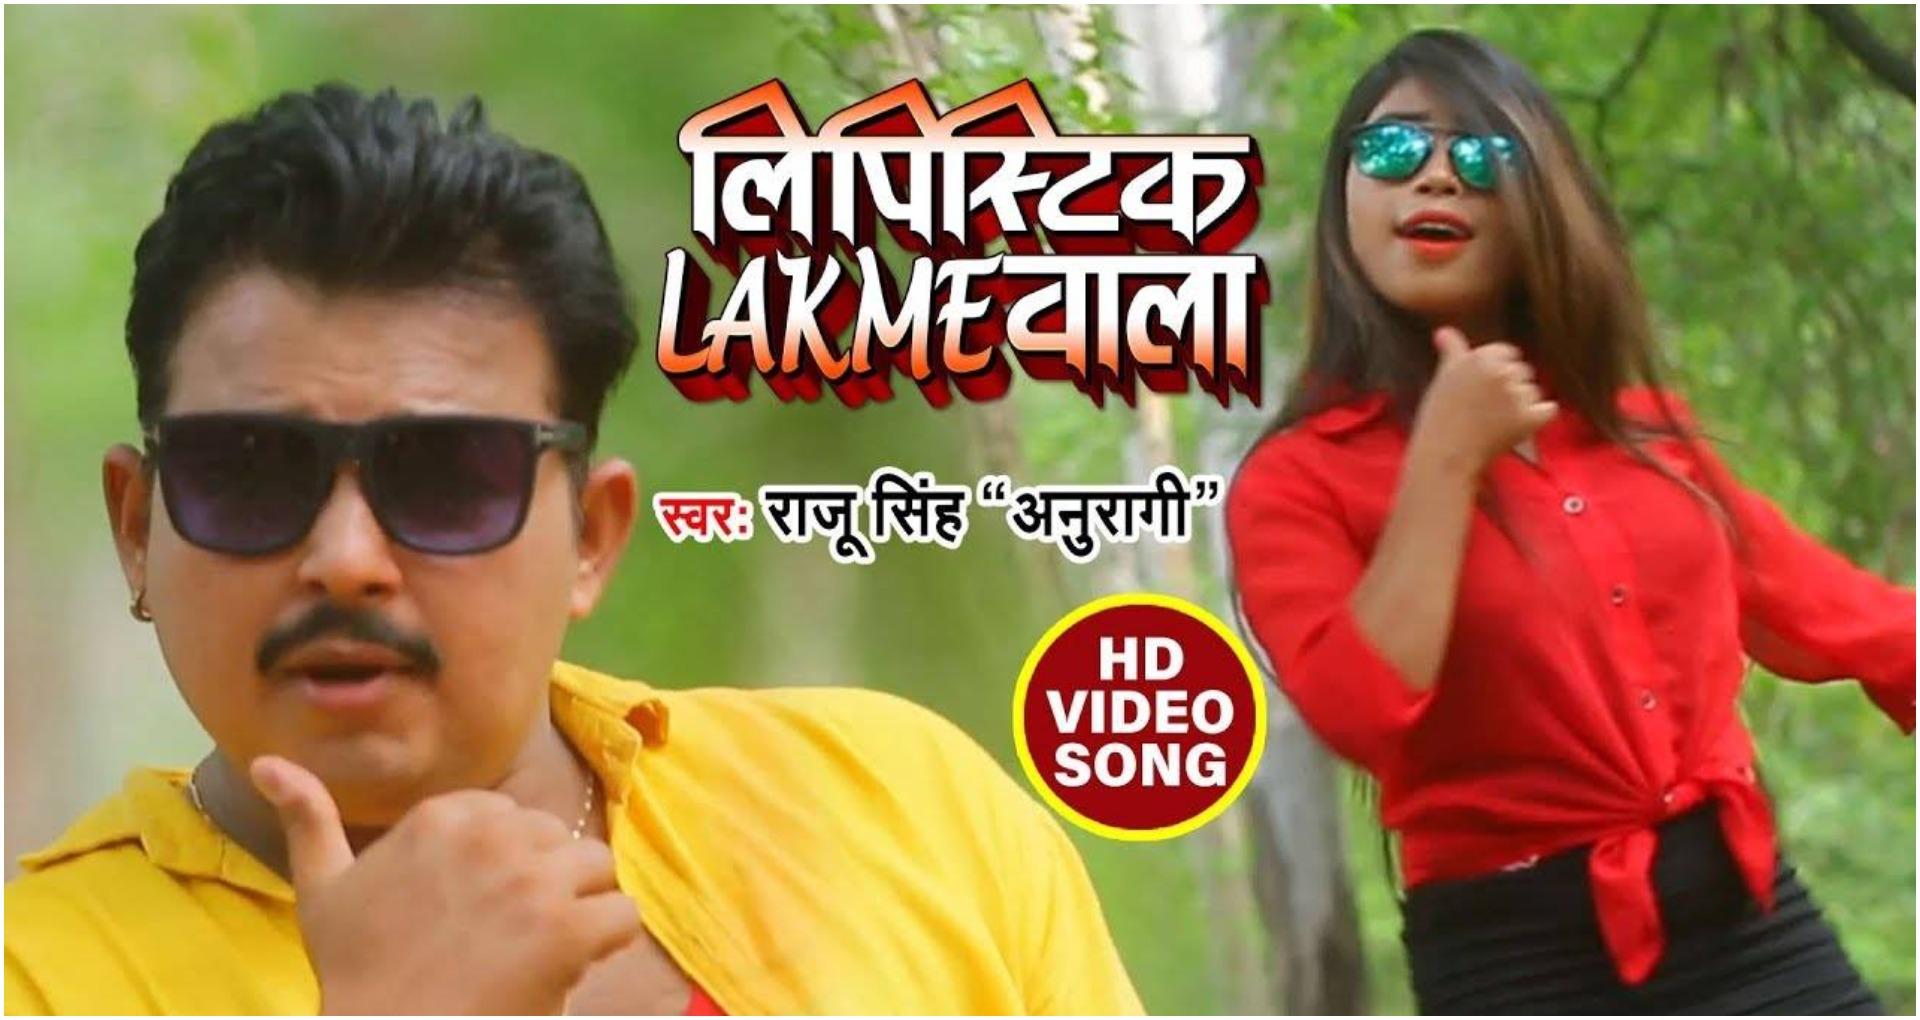 Lipstik Lakme Wala Song: लगावेलू तू लिपस्टिक के बाद राजू सिंह अनुरागी का सॉन्ग लिपस्टिक लकमी वाला भी सुन लीजिए